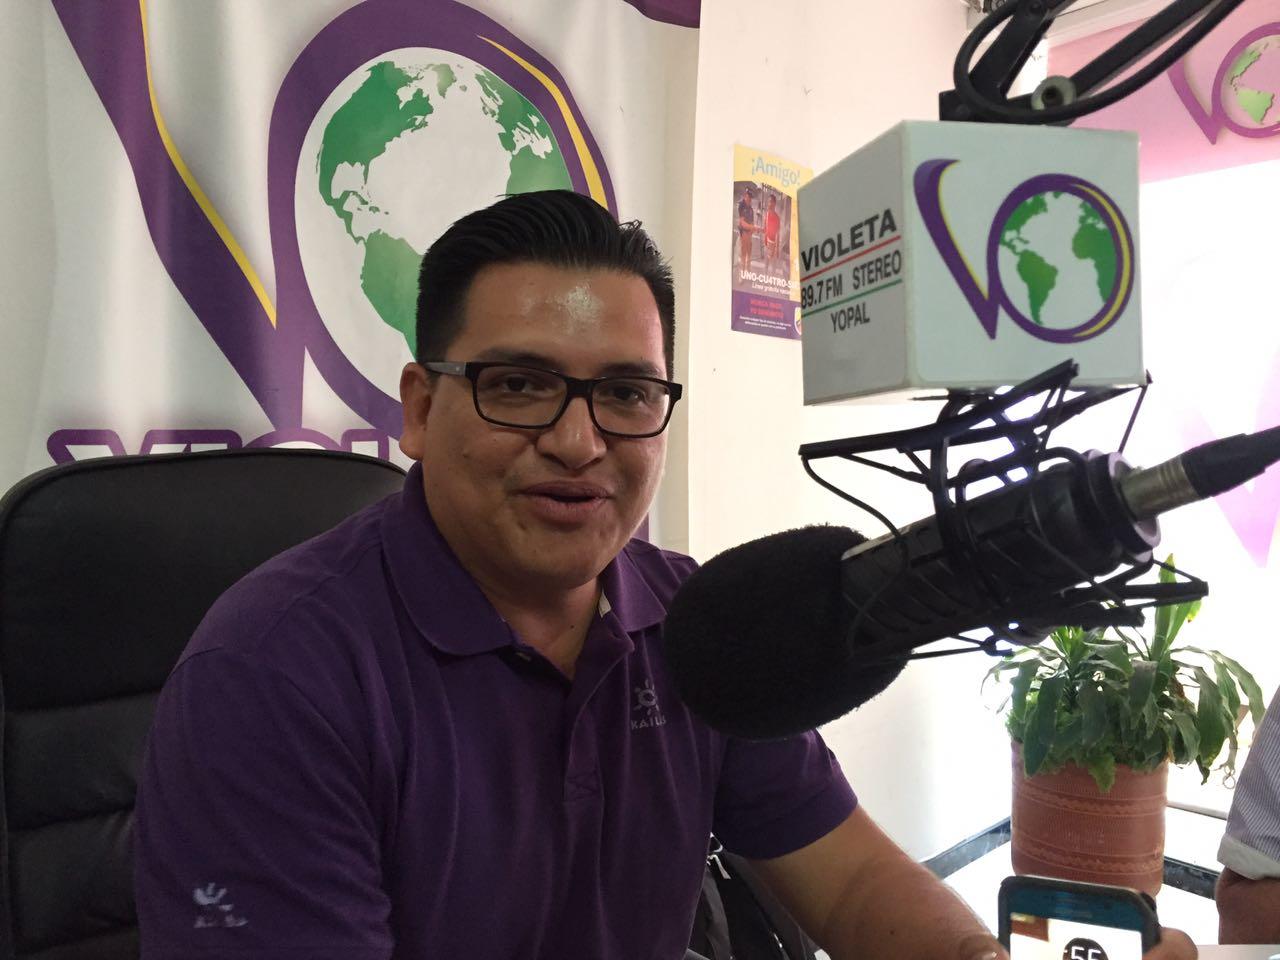 Colectivo ciudadano SOS Yopal no participa en revocatoria de alcalde de Yopal